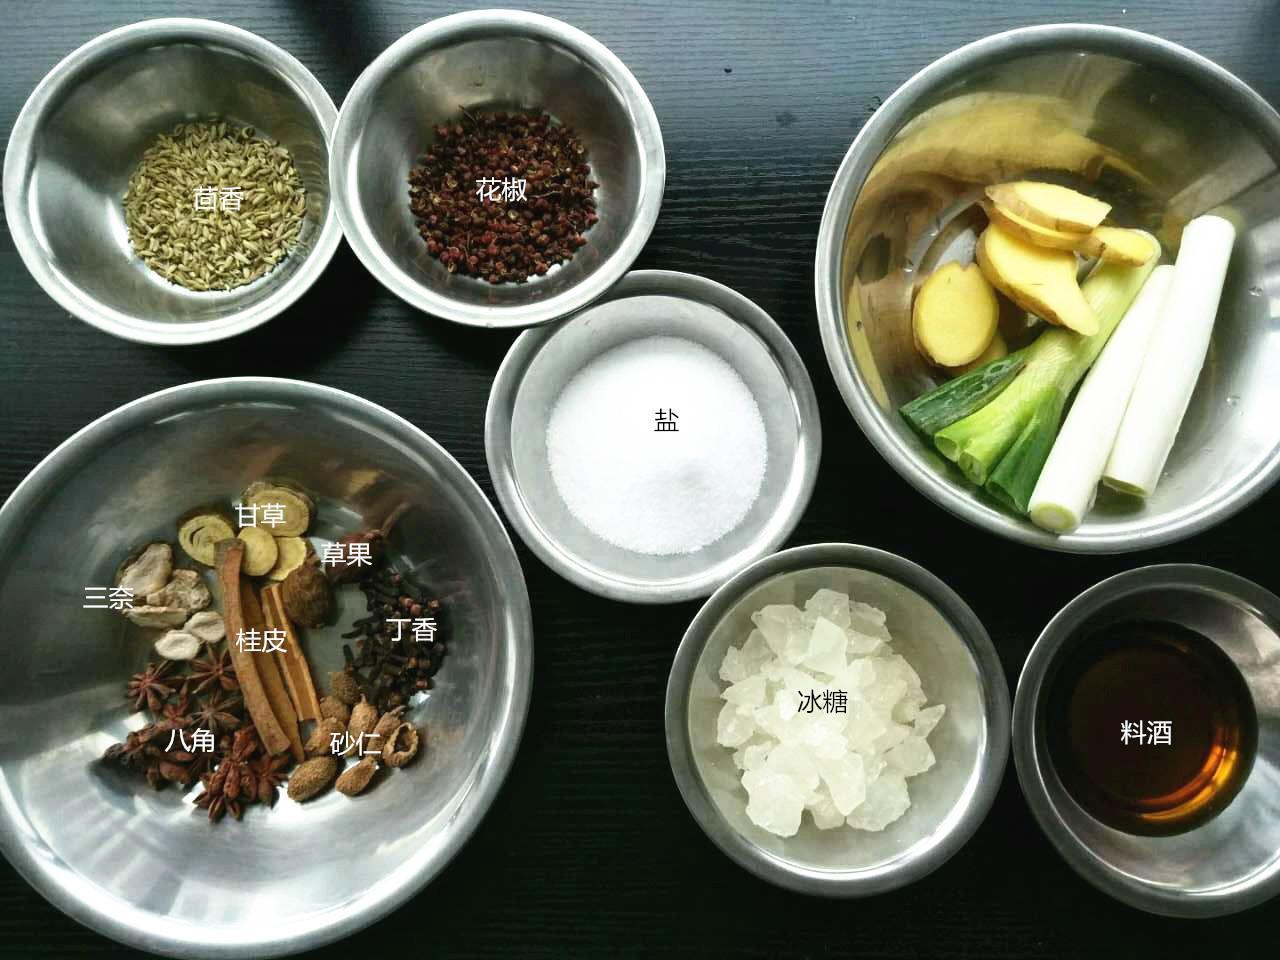 过年了,做一锅卤肉吧——灰子美食实验室